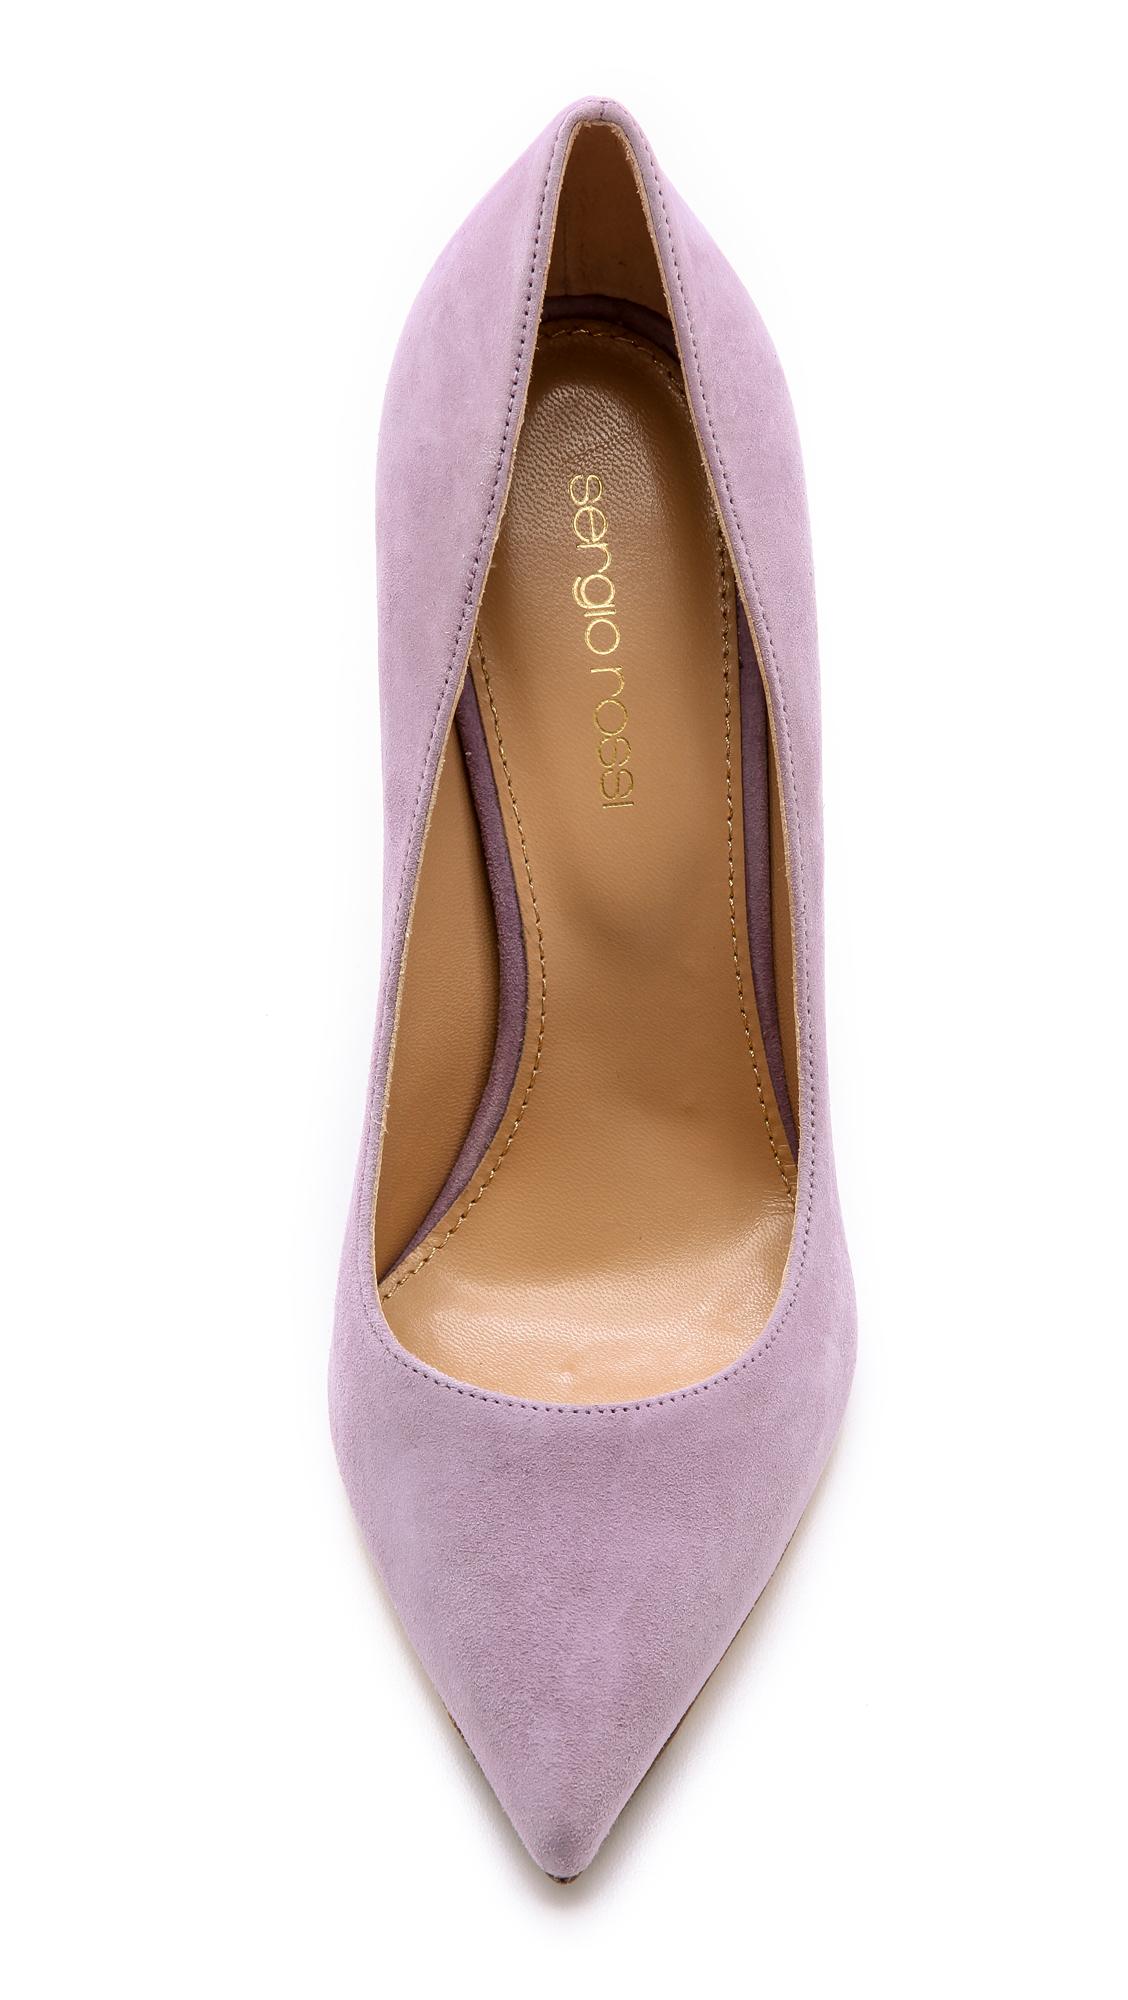 Nordstrom Women S Shoes Pumps